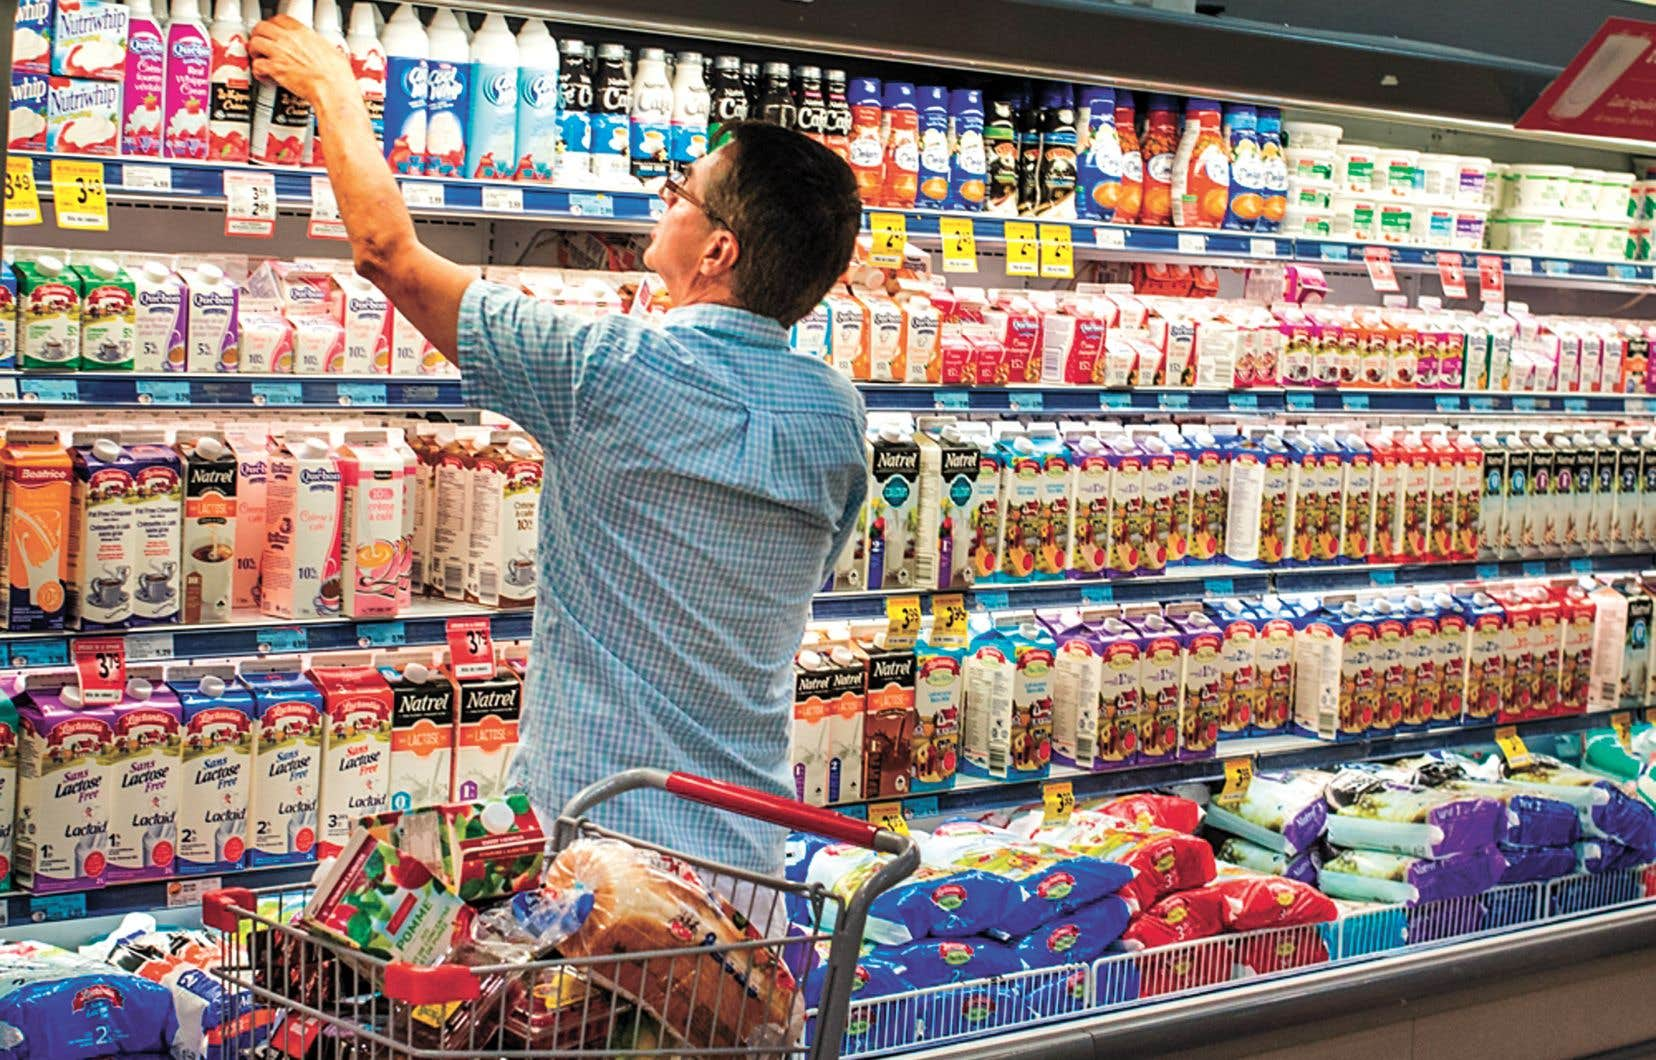 Seule la distribution des aliments frais et congelés, qui concerne 550 travailleurs à Boucherville, n'est pas touchée par le regroupement et l'automatisation décidés par la direction.